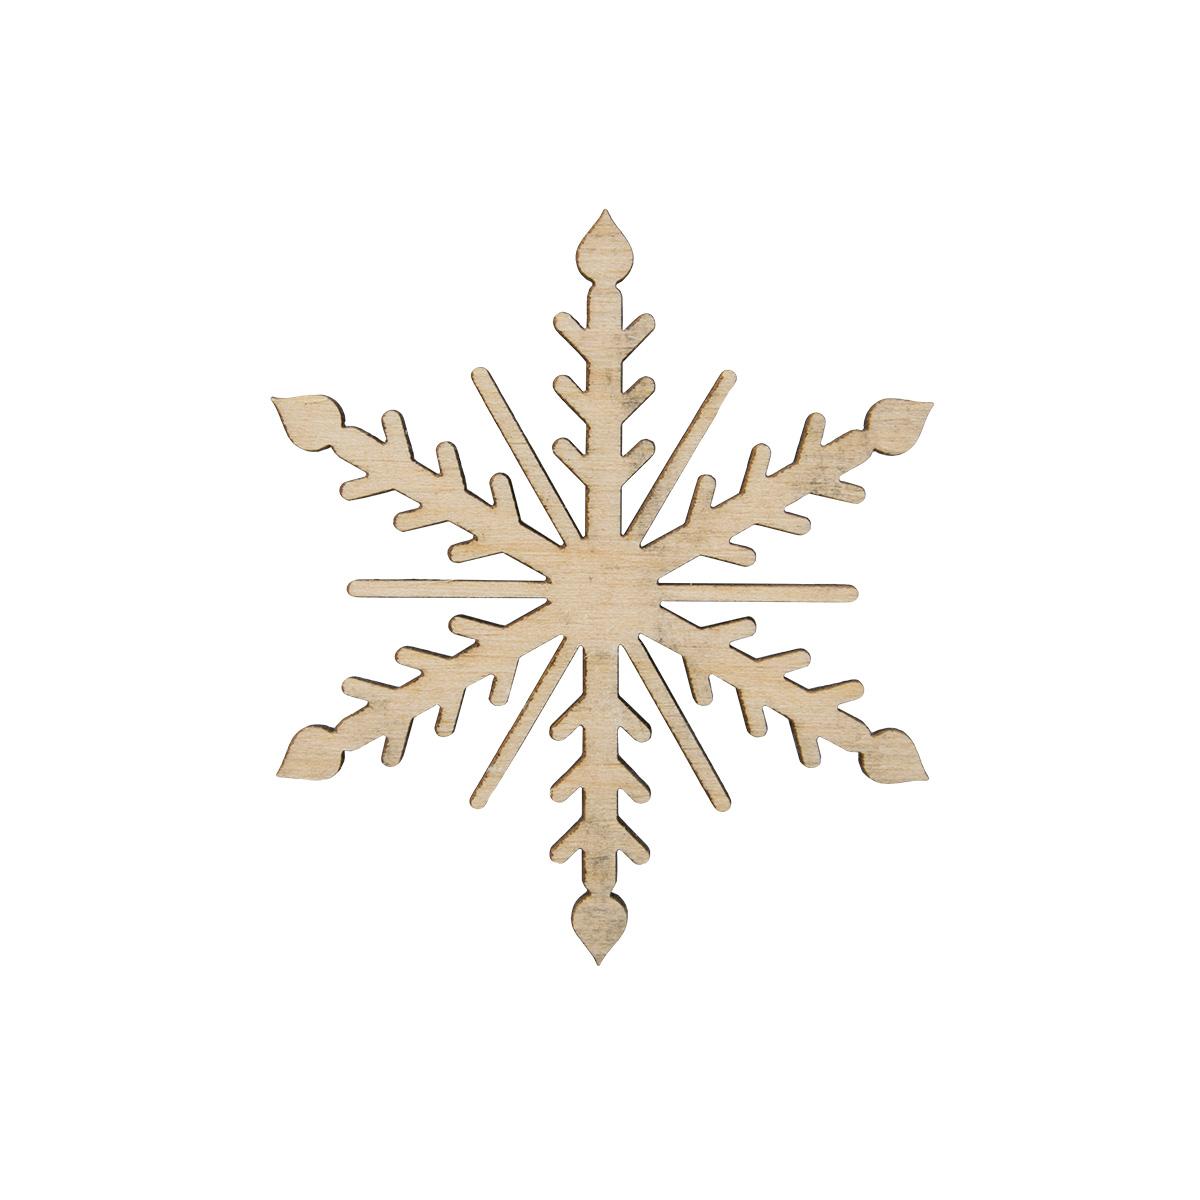 L-1433 Деревянная заготовка ' Снежинка острая ' 5,7*5,7*0,3см Астра